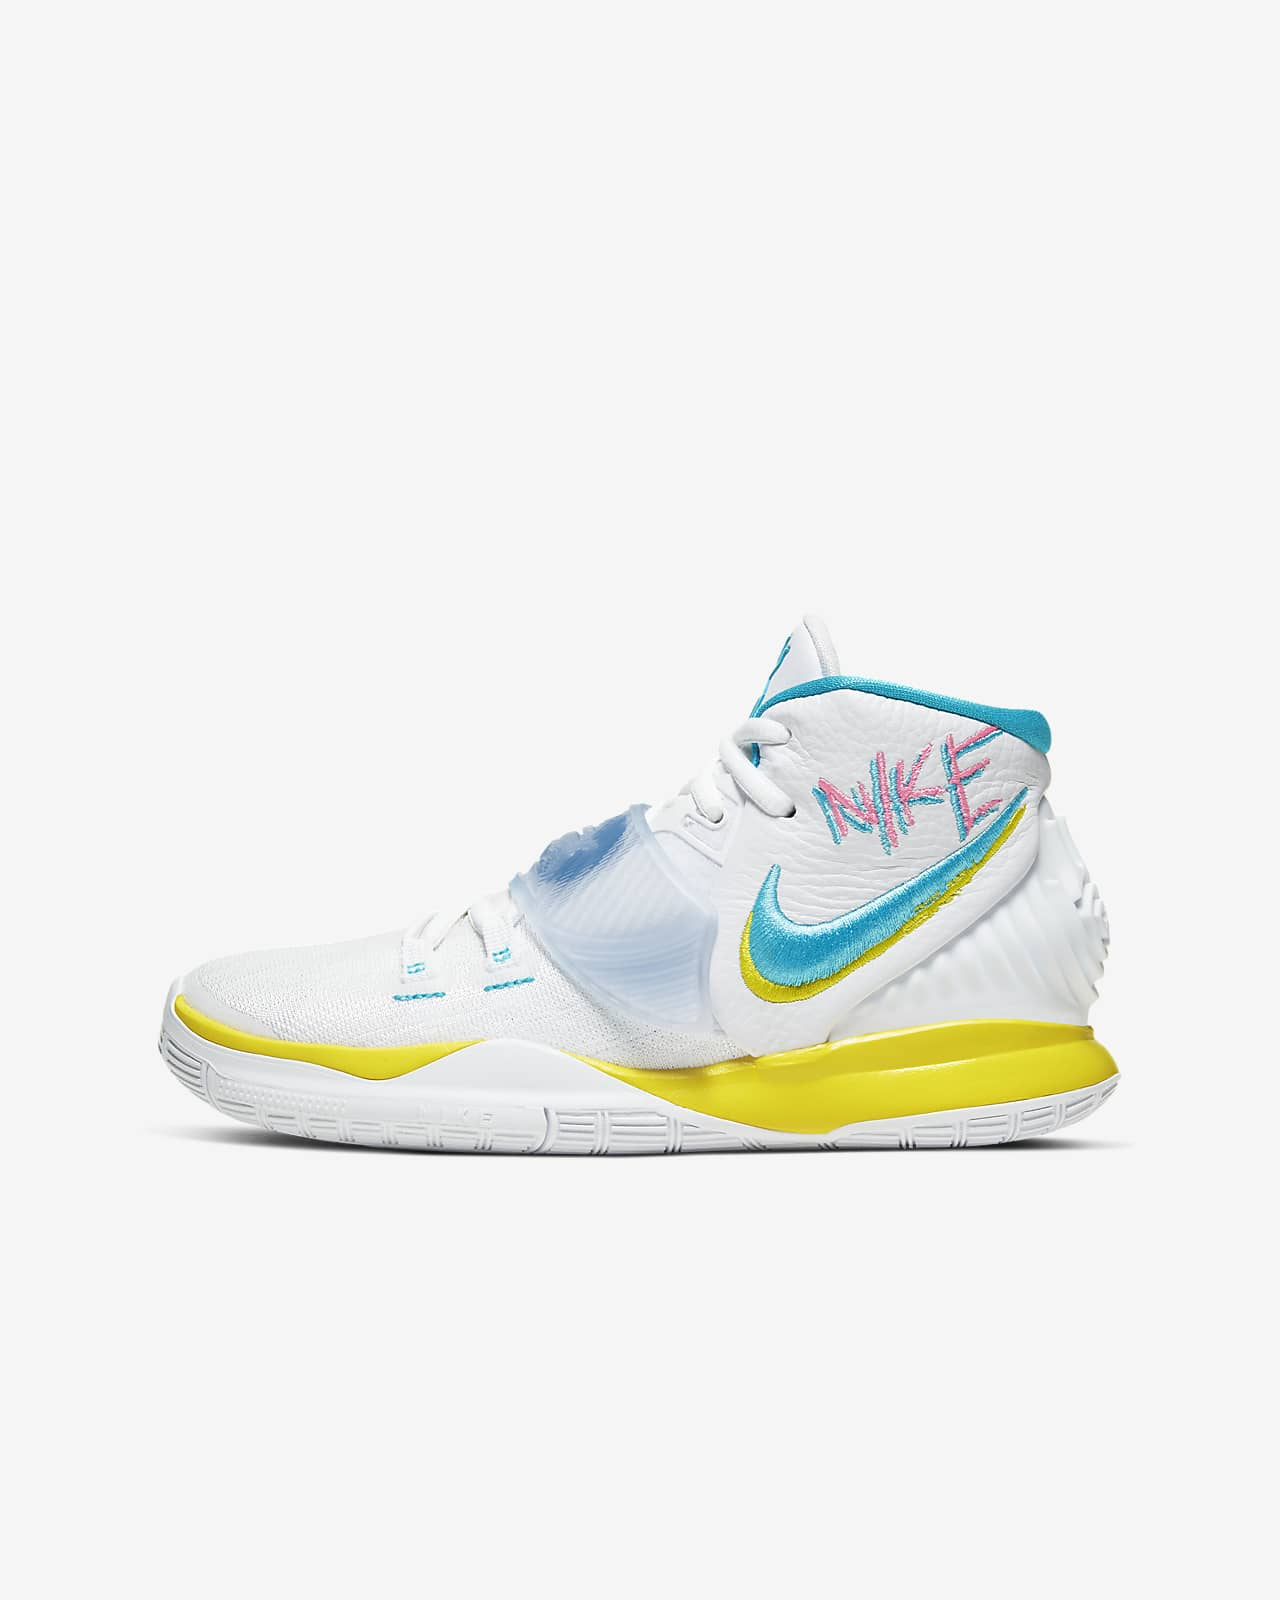 Kyrie 6 Big Kids' Basketball Shoe. Nike JP